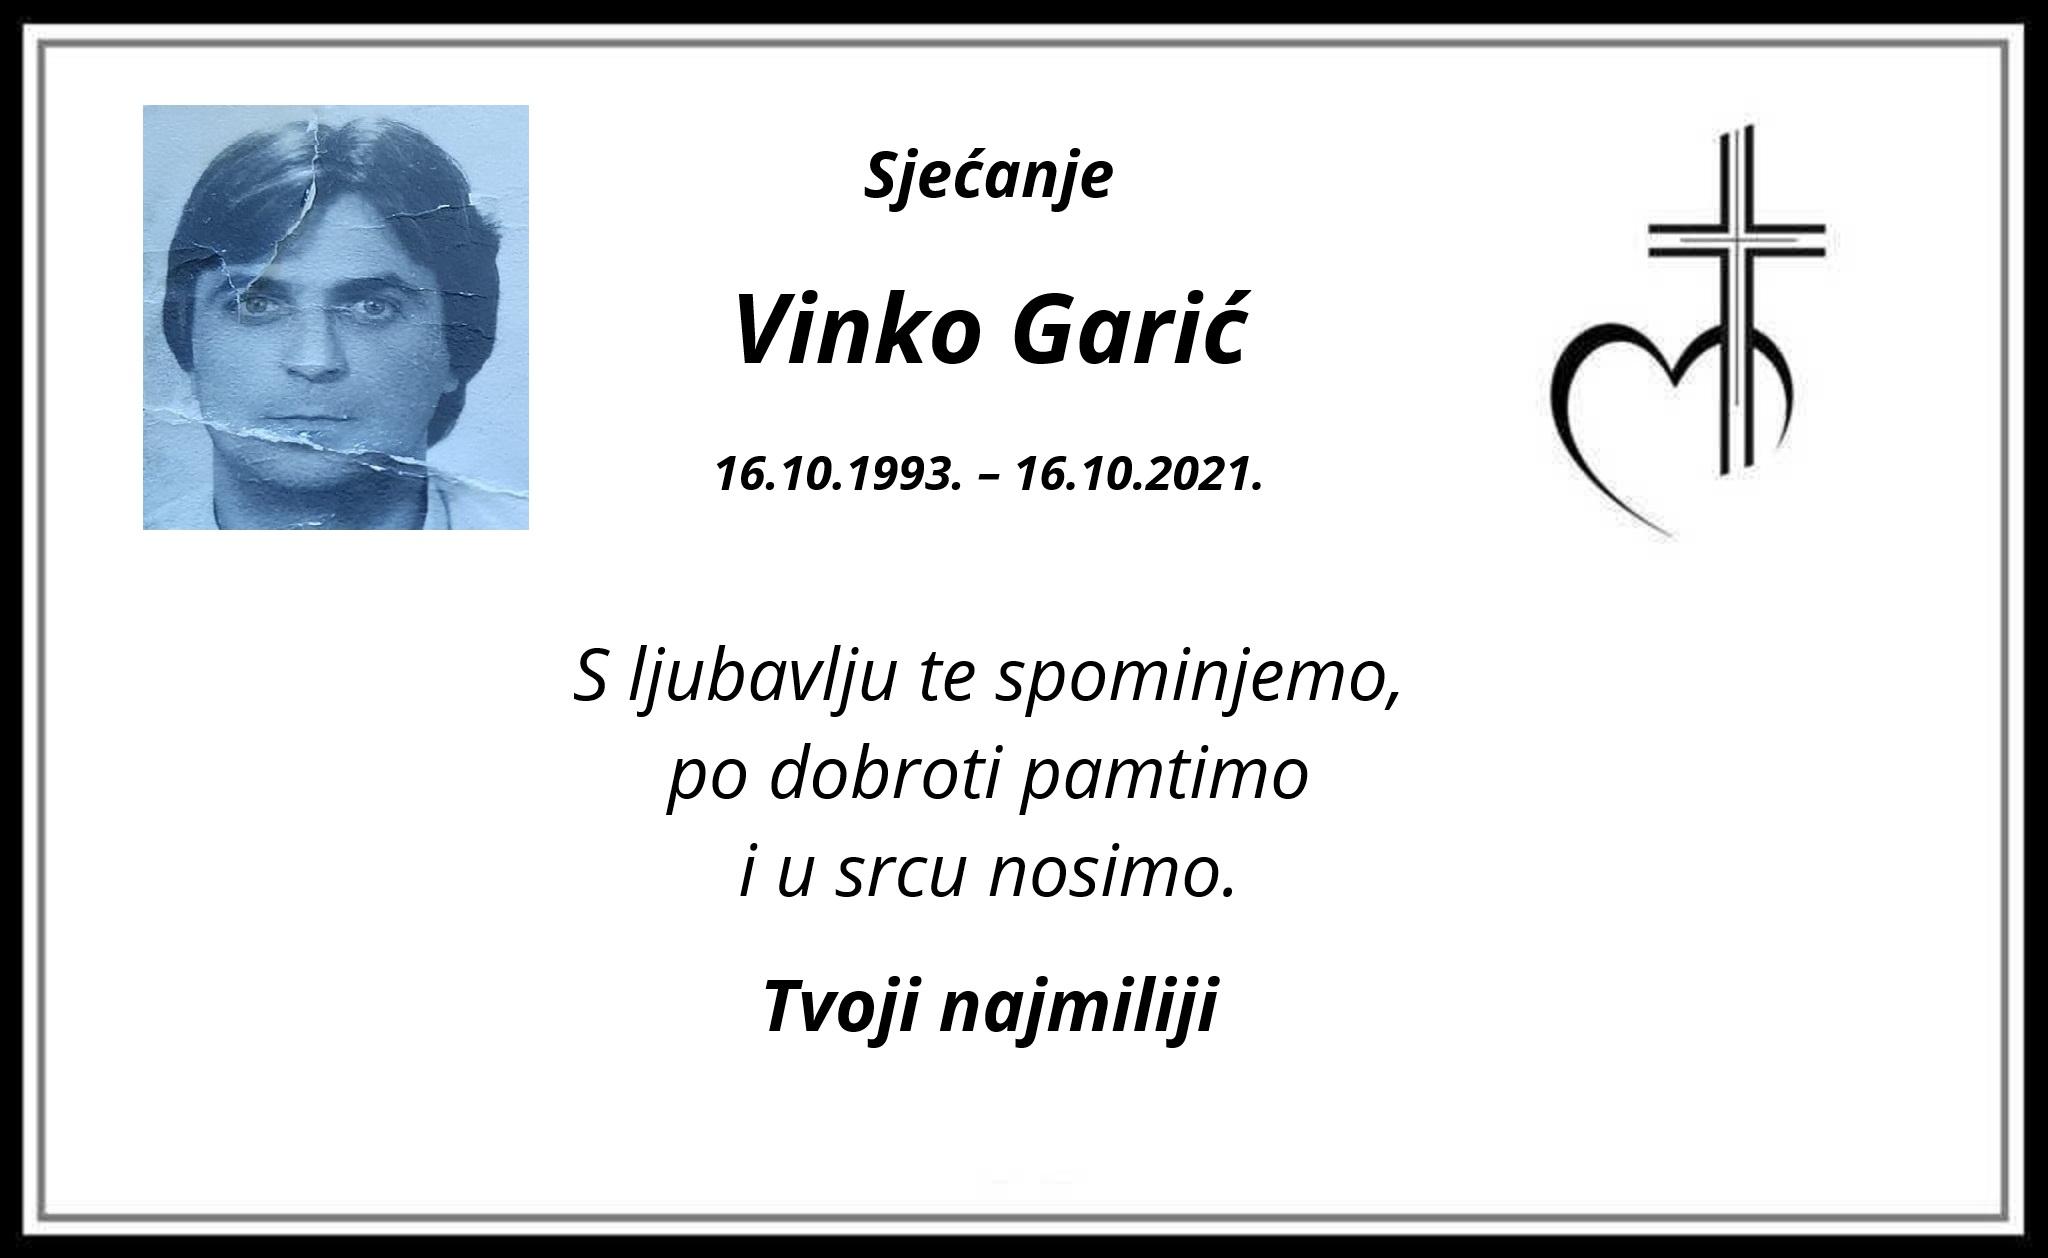 Pročitajte više o članku Sjećanje: Vinko Garić